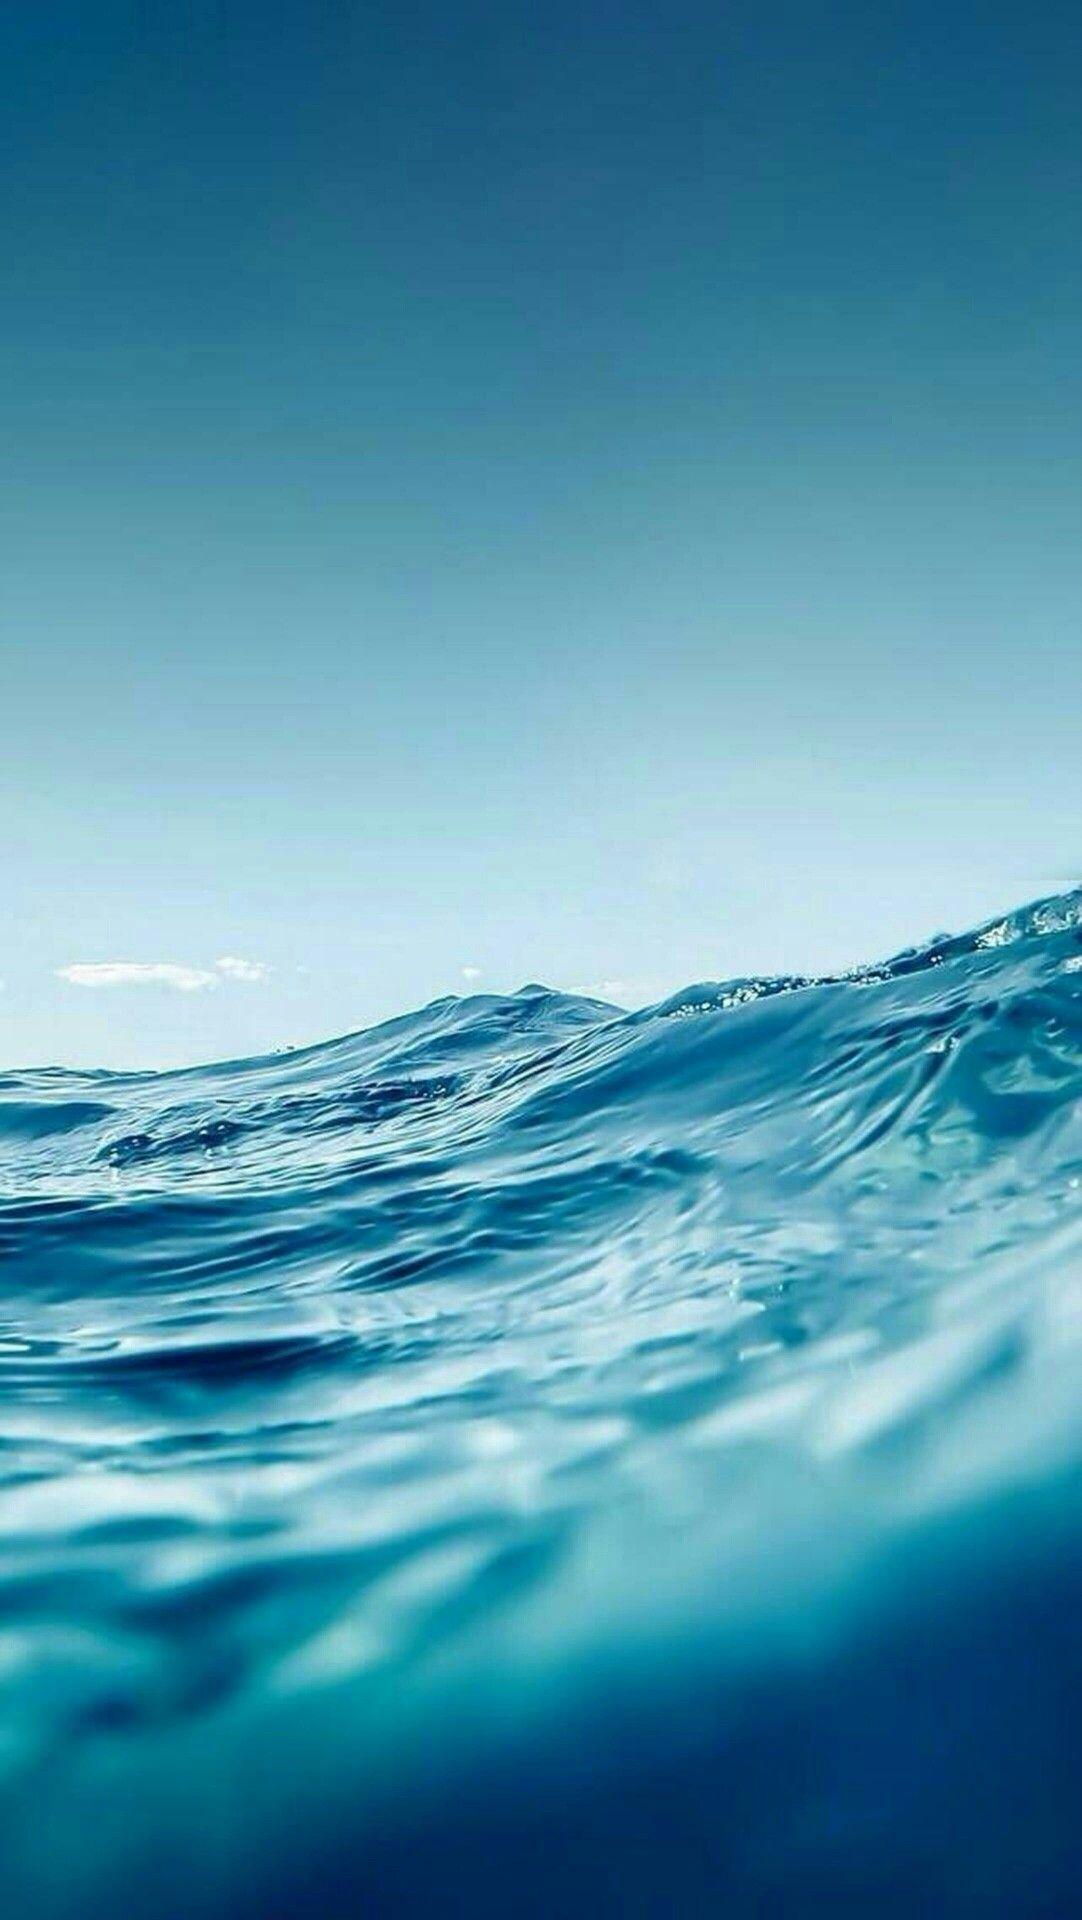 Pin By Mari On Fondos Ocean Wallpaper Ocean Waves Best Iphone Wallpapers